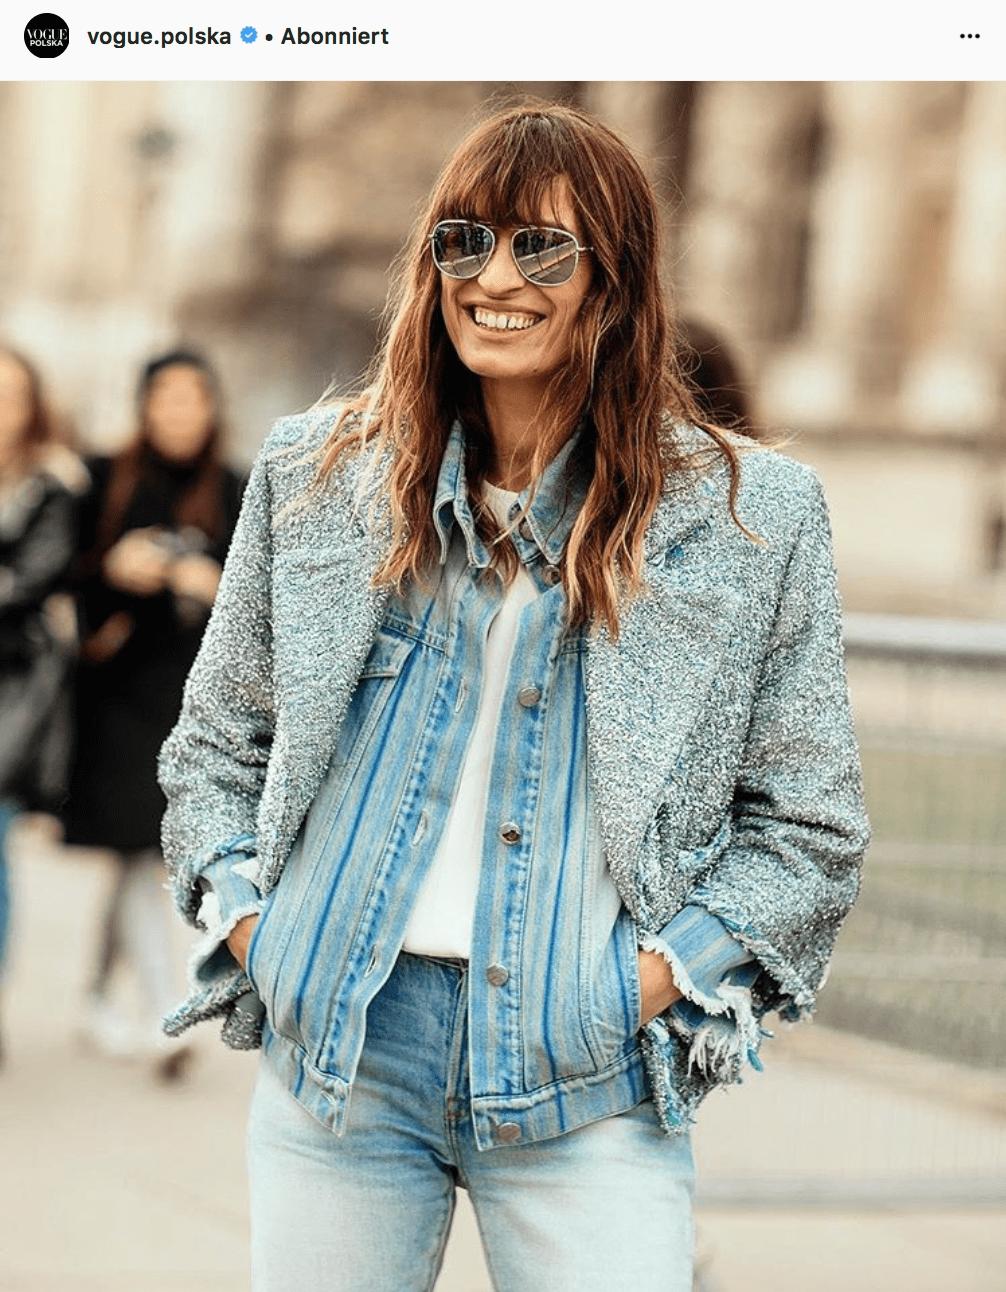 Paris, Paris Fashion Week, PFW, PFW18, Stripes, Basics, Outfit, Fashion, Fashion Blog, Fashion Blogger, Online-Magazine, Black and White, Ankle Boots, Details, Denim, Caroline de Maigret